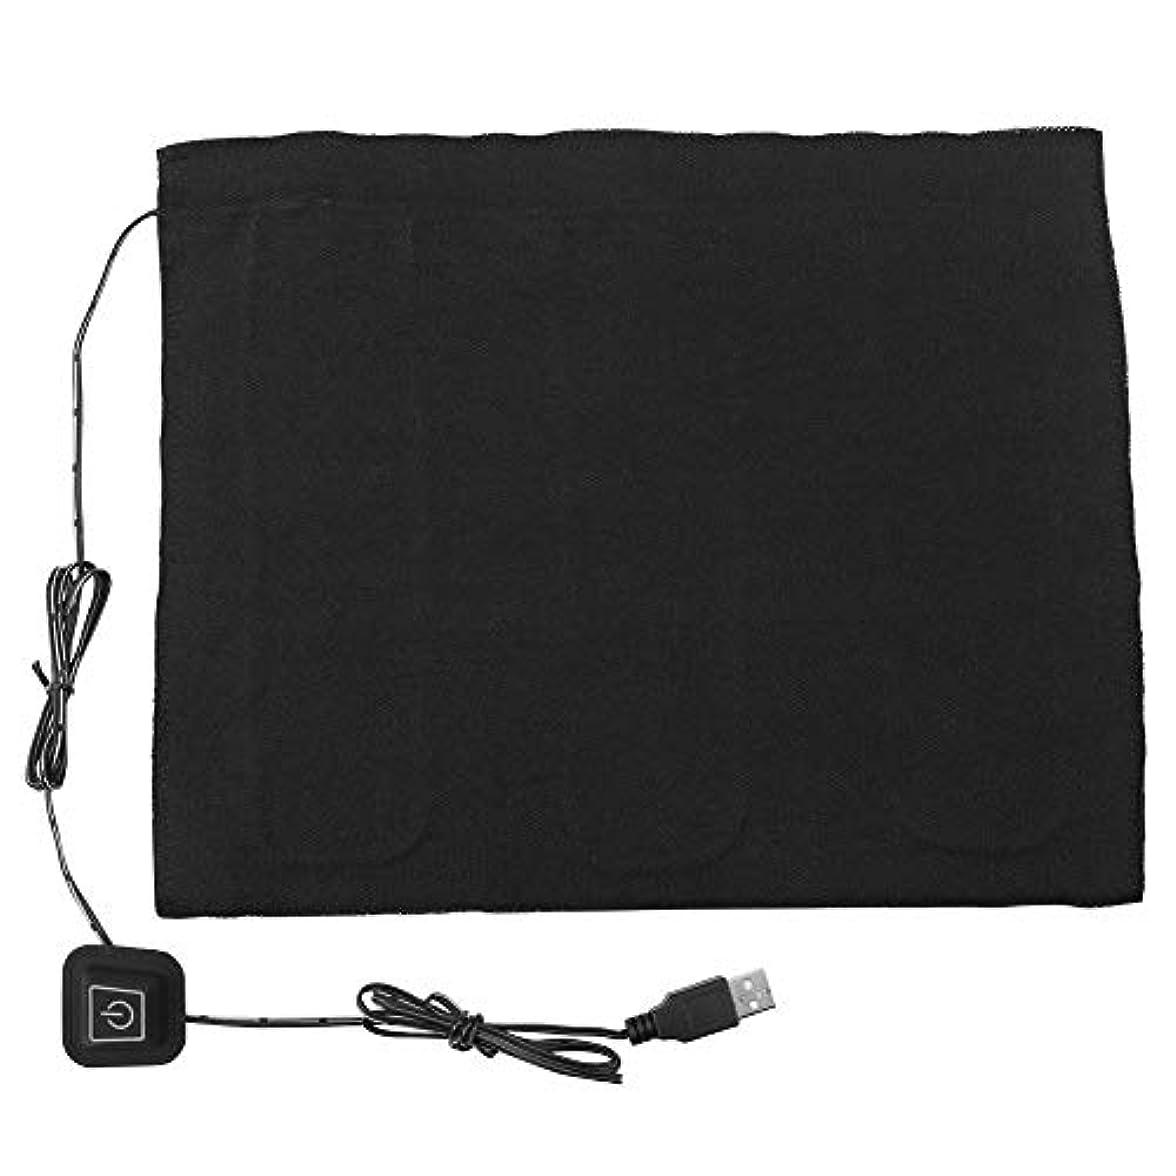 区画豆腐ナチュラル電気布ヒーターパッド、首の腹部の腰部加熱、加熱パッドペットウォーマー用DC 5 v 3シフトUSB発熱体